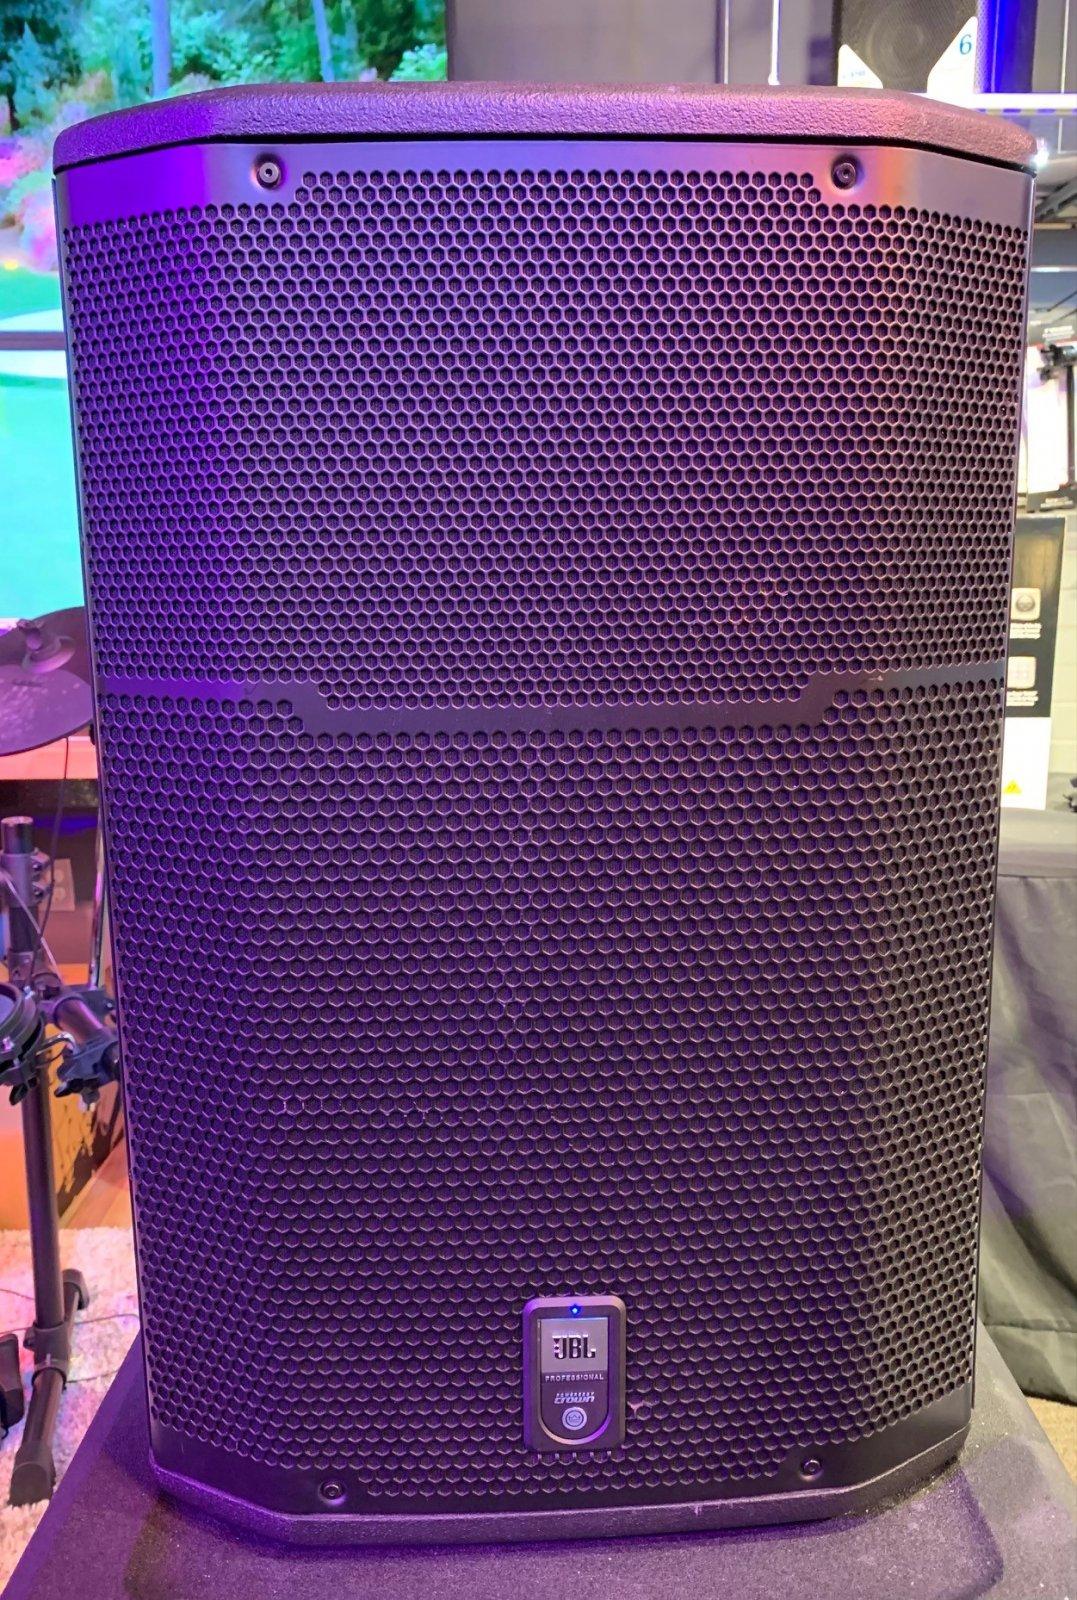 Used JBLPRX615MF Powered Speaker